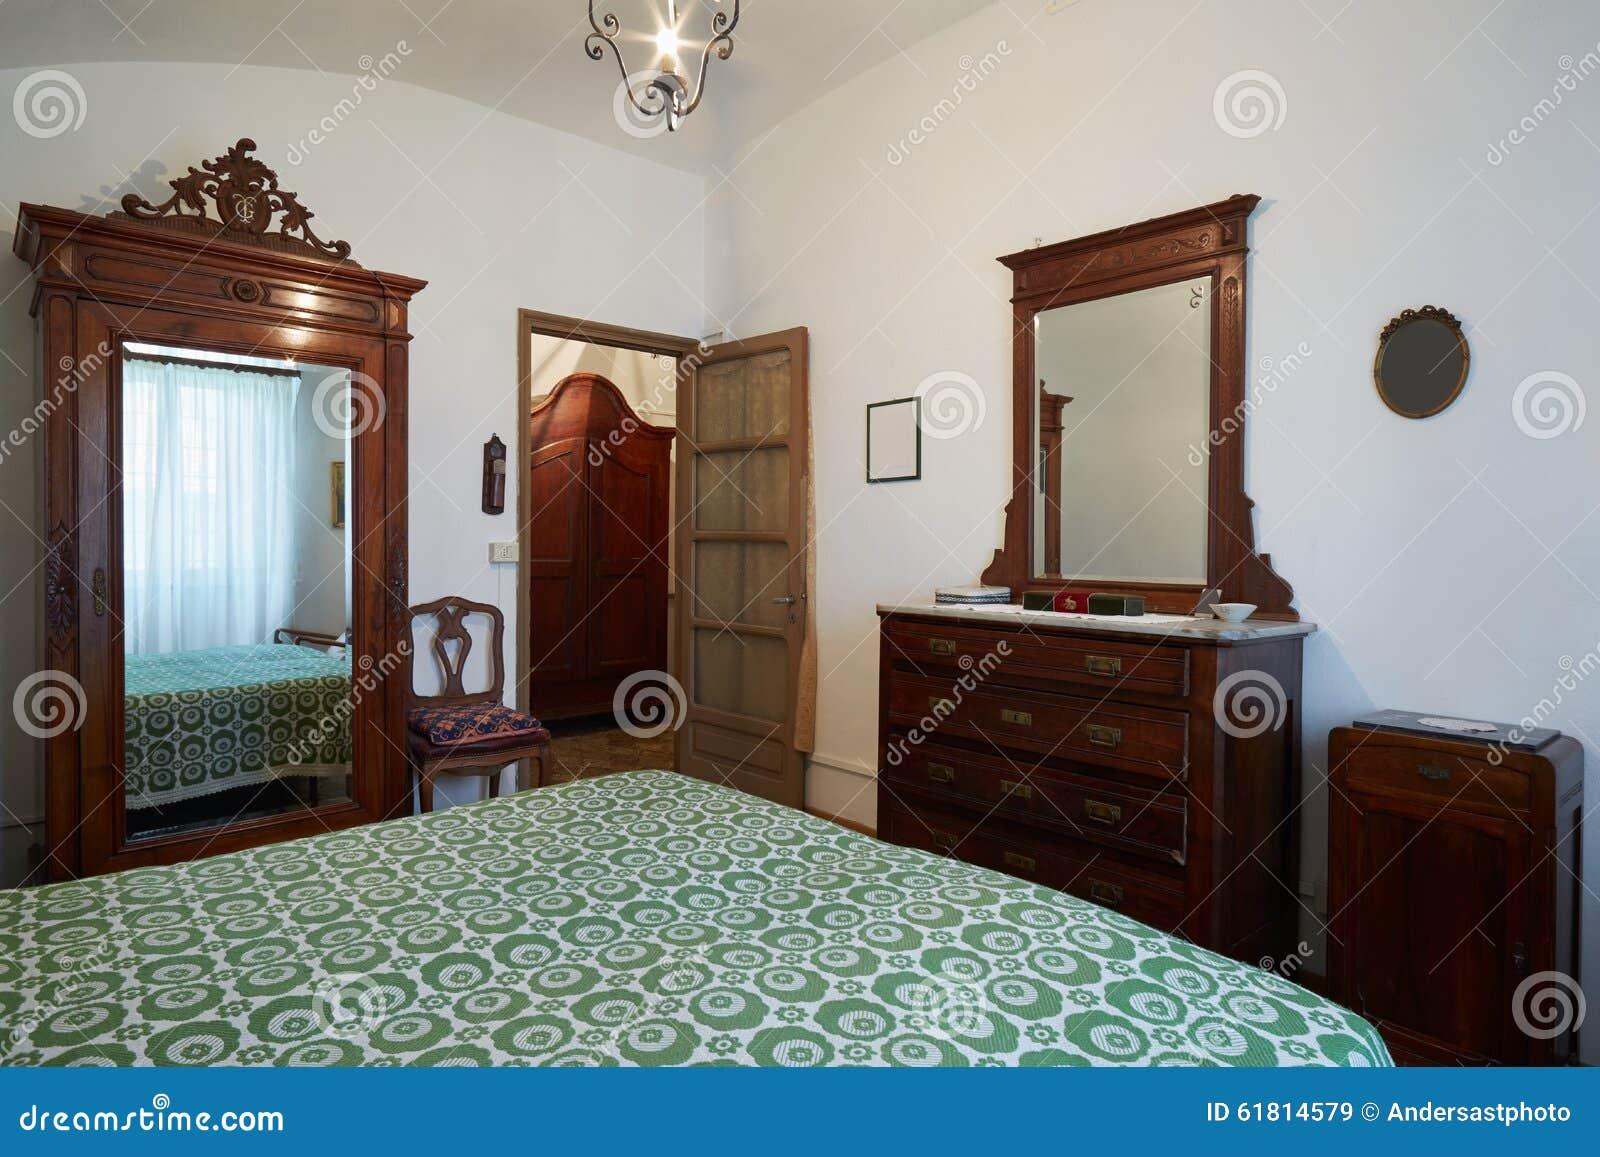 altes schlafzimmer mit königindoppelbett im alten haus stockfoto, Schlafzimmer entwurf